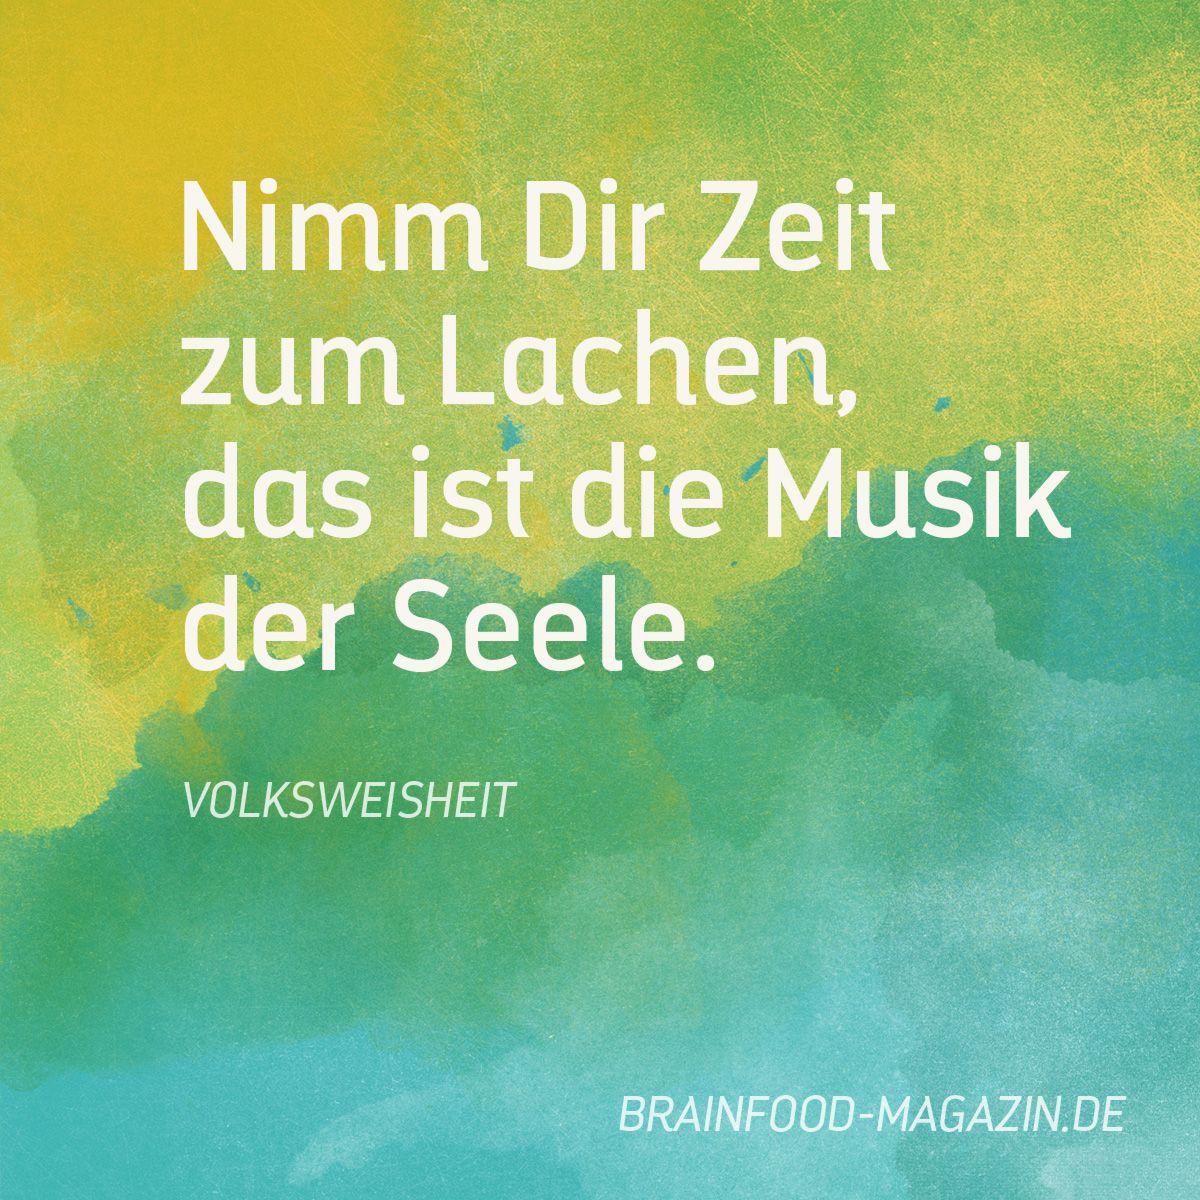 Nimm Dir Zeit Zum Lachen Das Ist Musik Der Seele Weisheit Zitat Spruch Leben Freude Gedanken Seele Musik